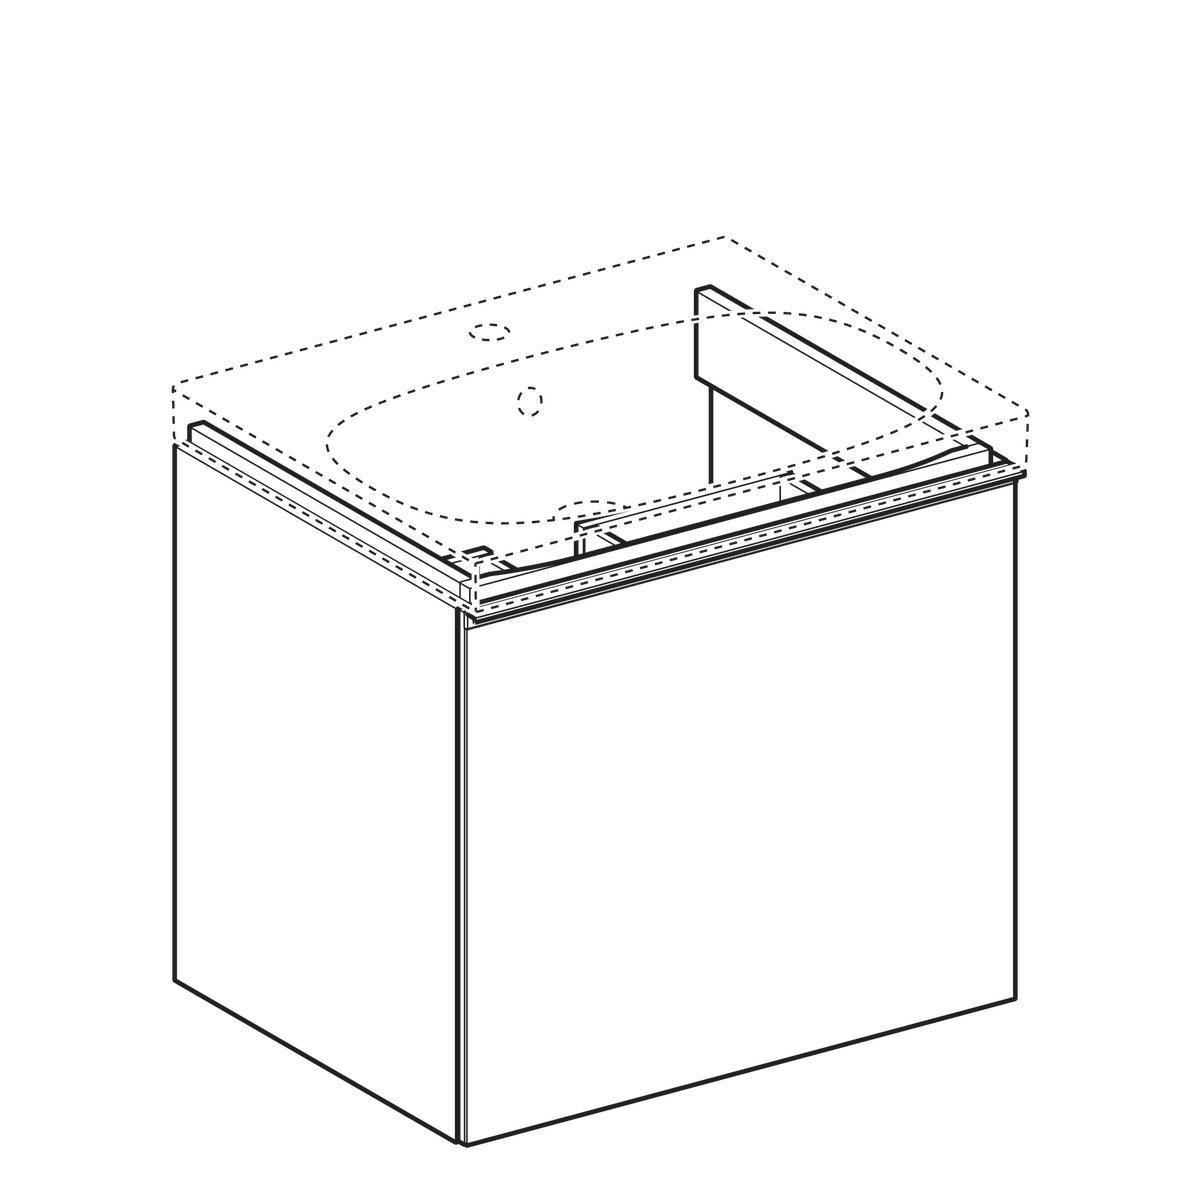 Allia meuble sous lavabo acanto largeur 60 cm 1 tiroir noir r f brossette - Meuble sous lavabo noir ...